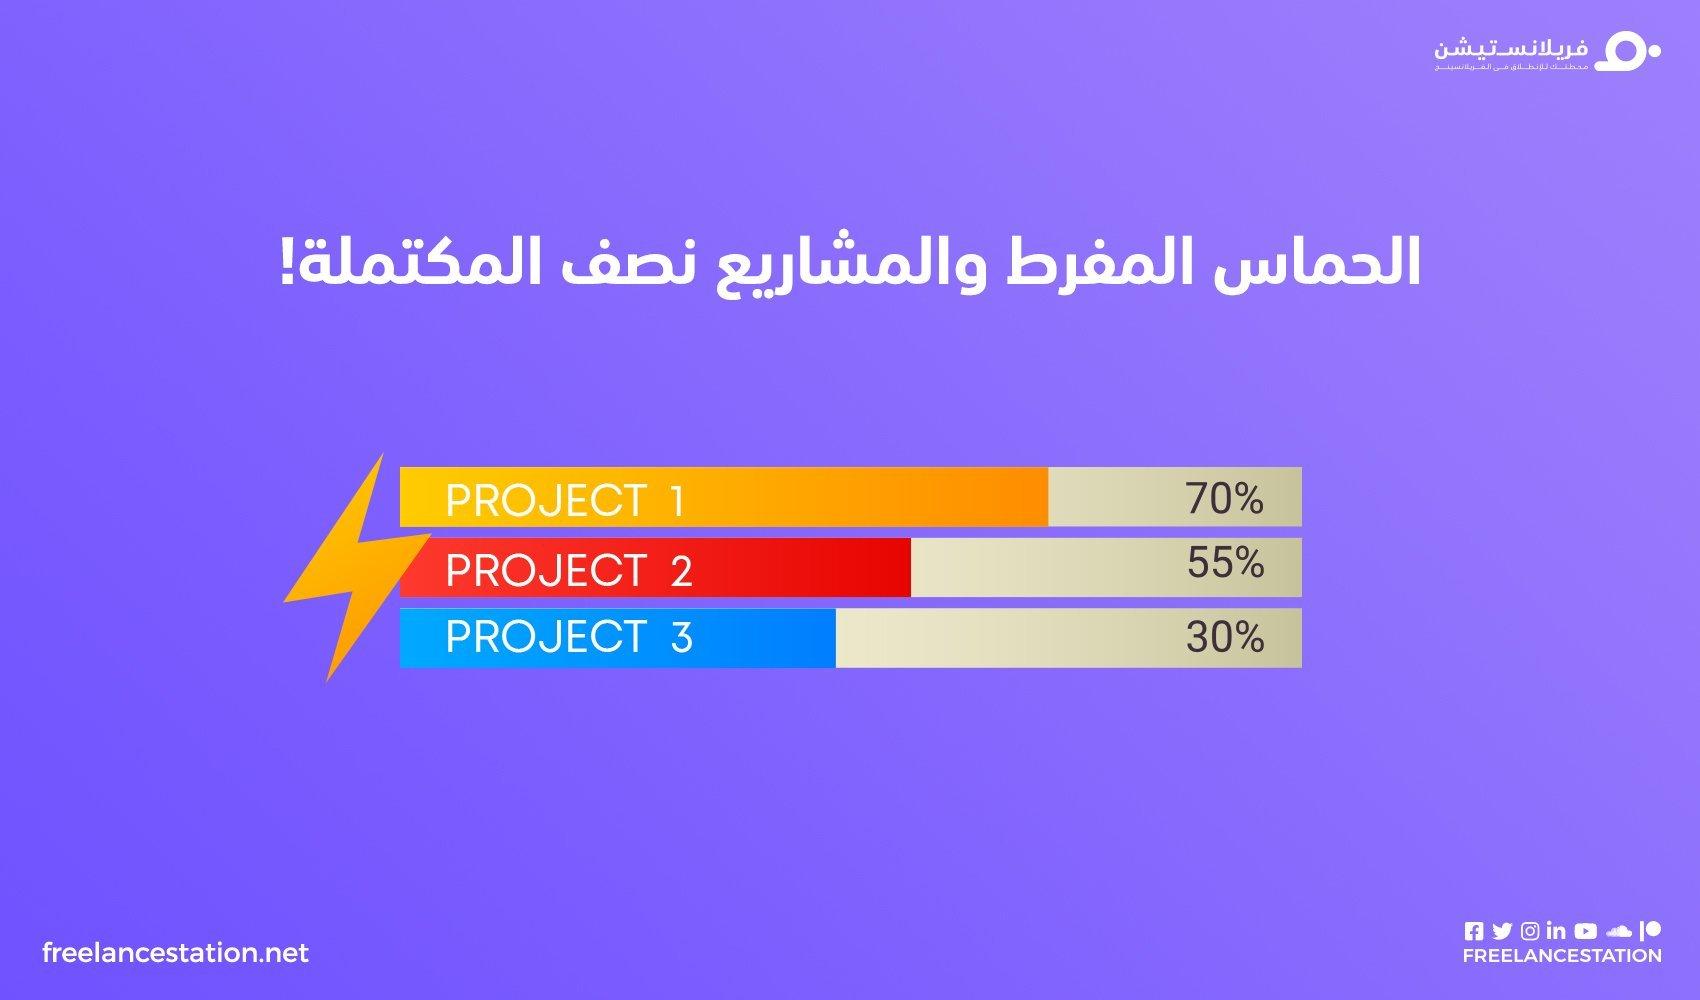 الحماس المفرط والمشاريع نصف المكتملة